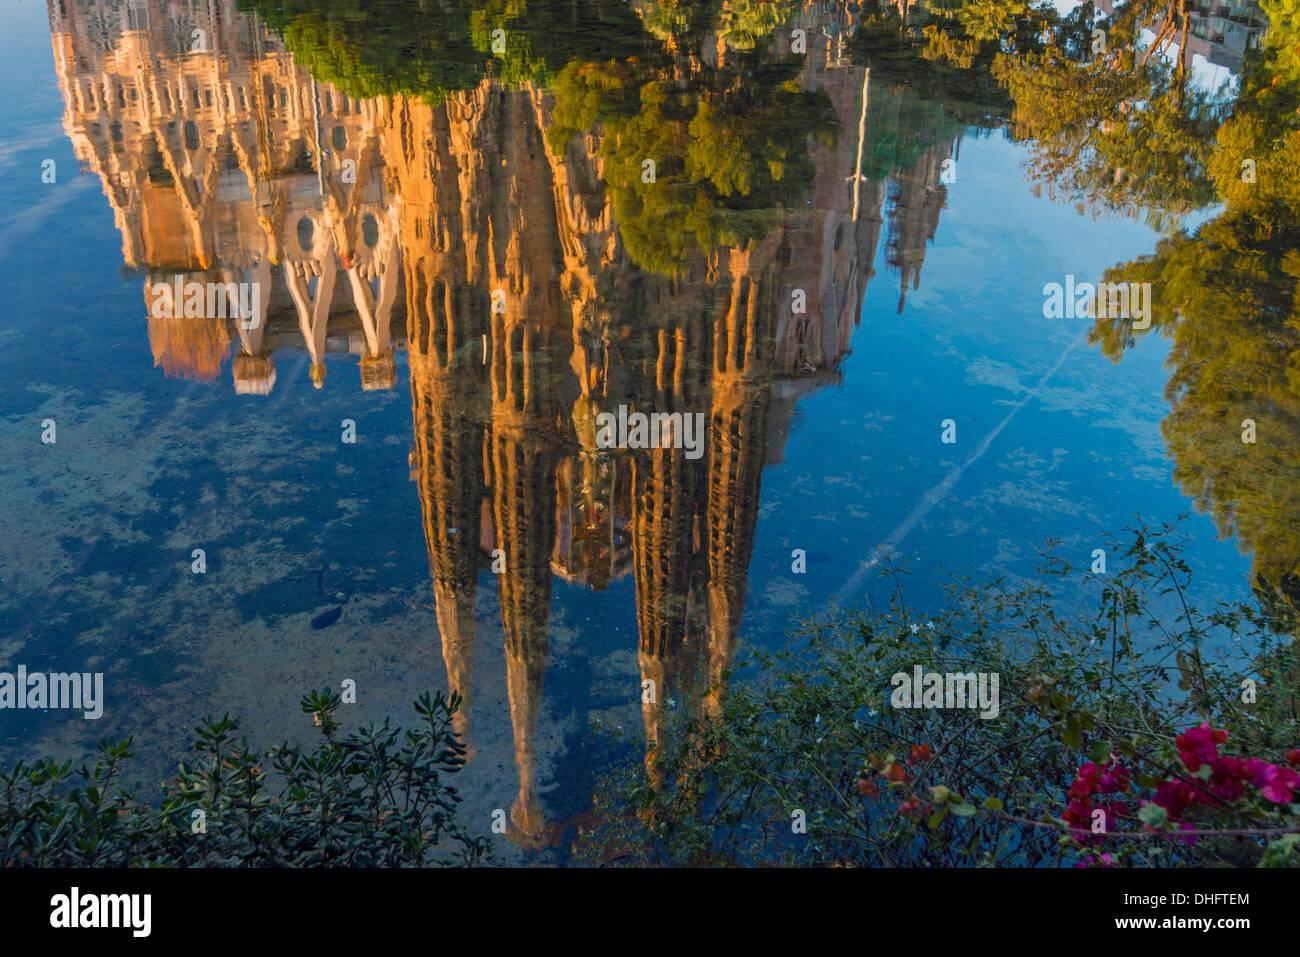 L'église Sagrada Familia reflétée dans un étang, Barcelone, Catalogne, Espagne Photo Stock